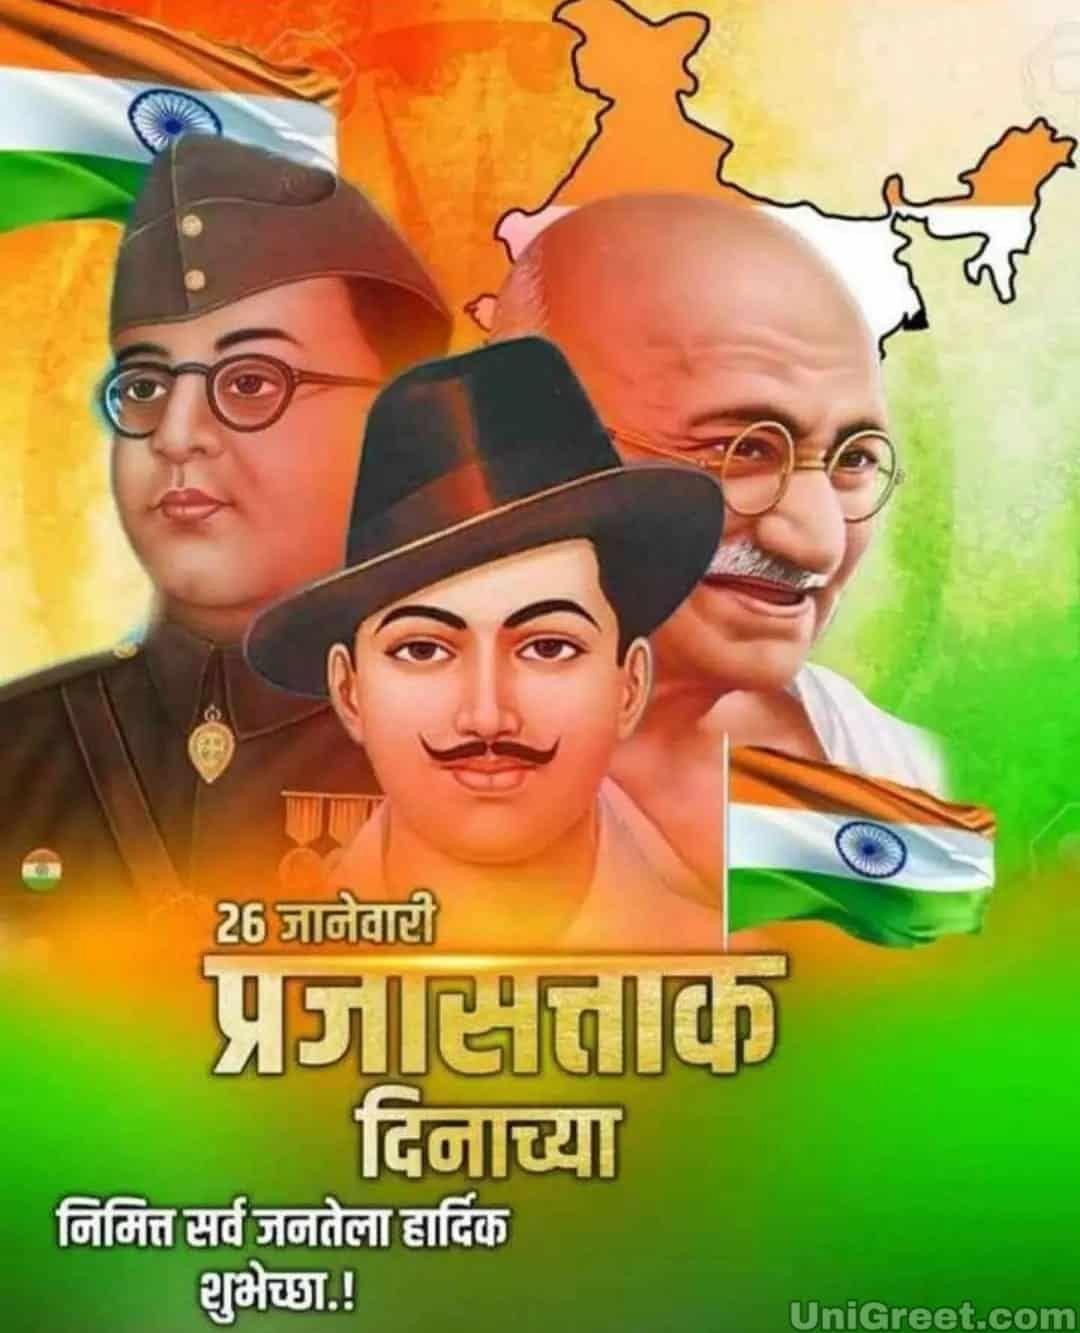 2020 Best 26 January Prajasattak Din Images Wishes Banner In Marathi Image Banner Wishes Images 26 january 2021 image marathi shayri